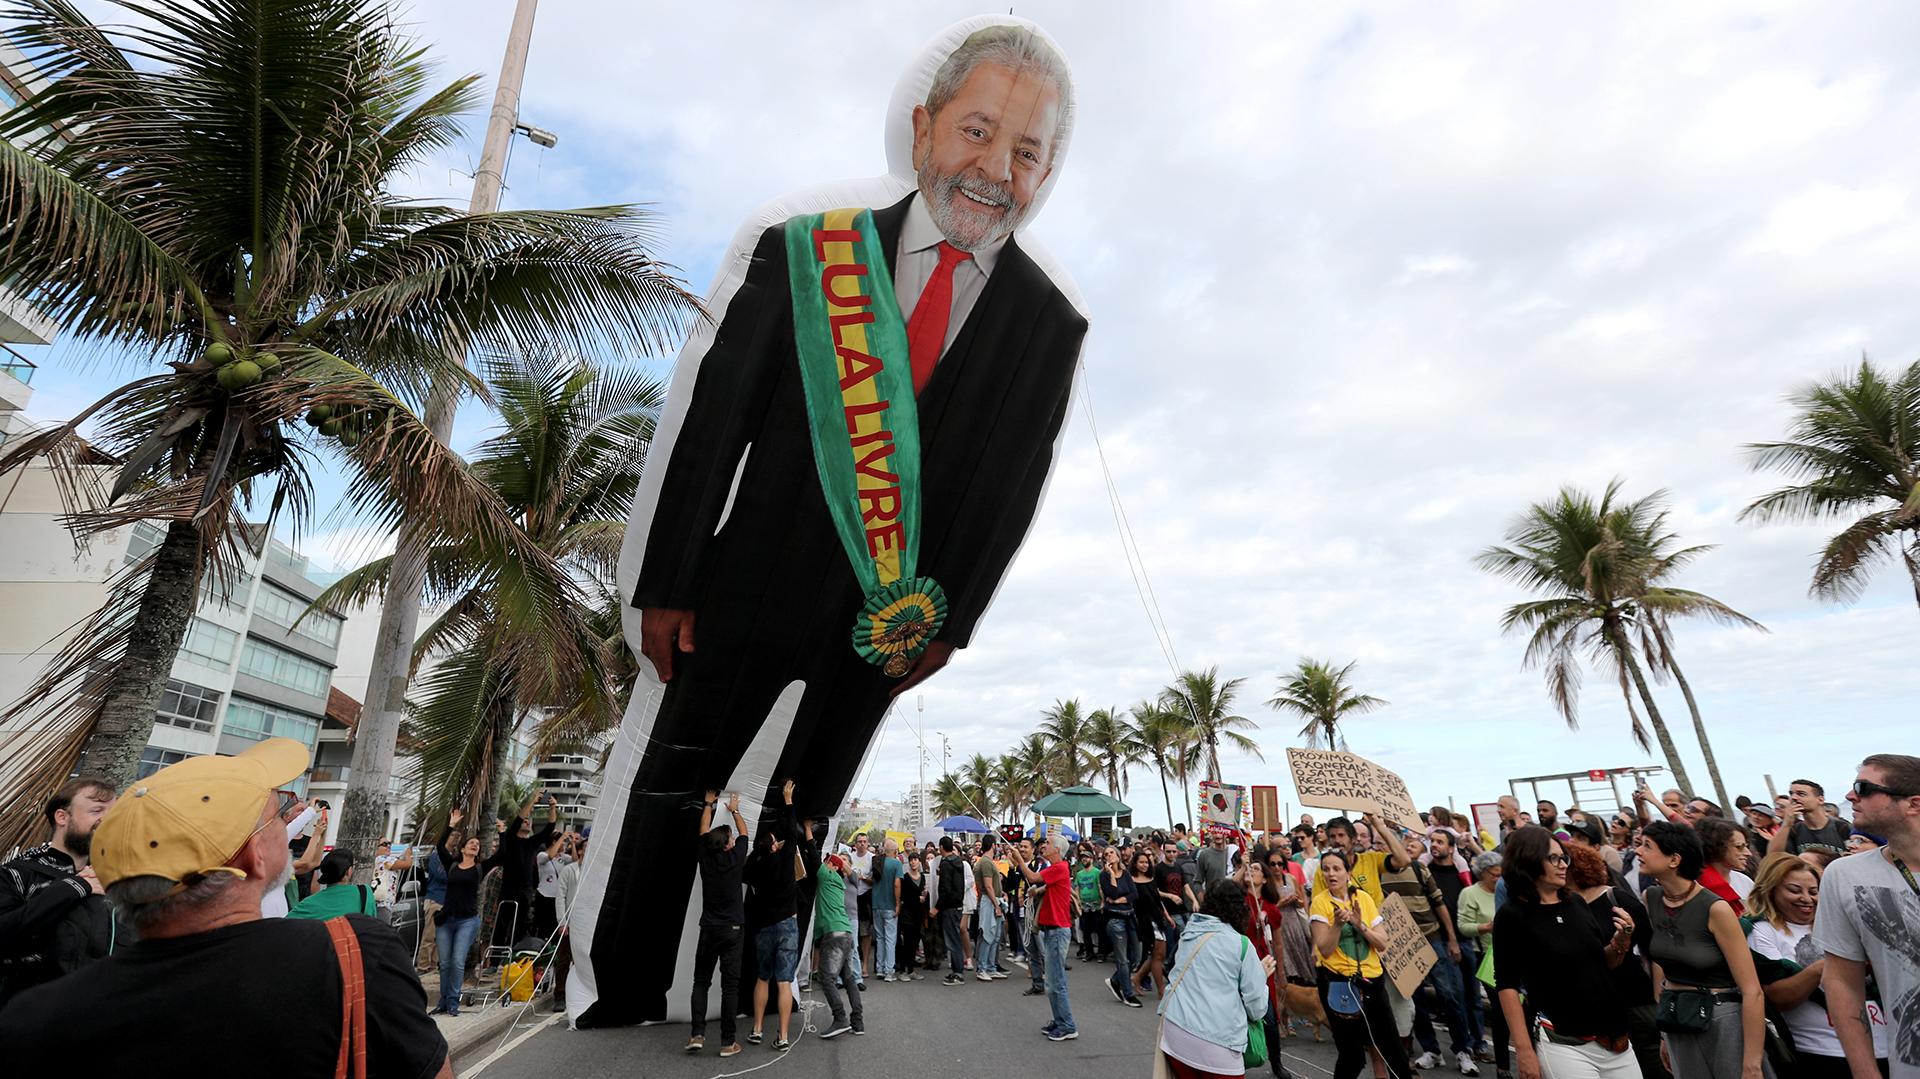 """La gente sostiene una muñeca inflable del ex presidente brasileño Luiz Inácio Lula da Silva antes de la manifestación. La faja dice """"Liberen a Lula"""". REUTERS / Sergio Moraes"""